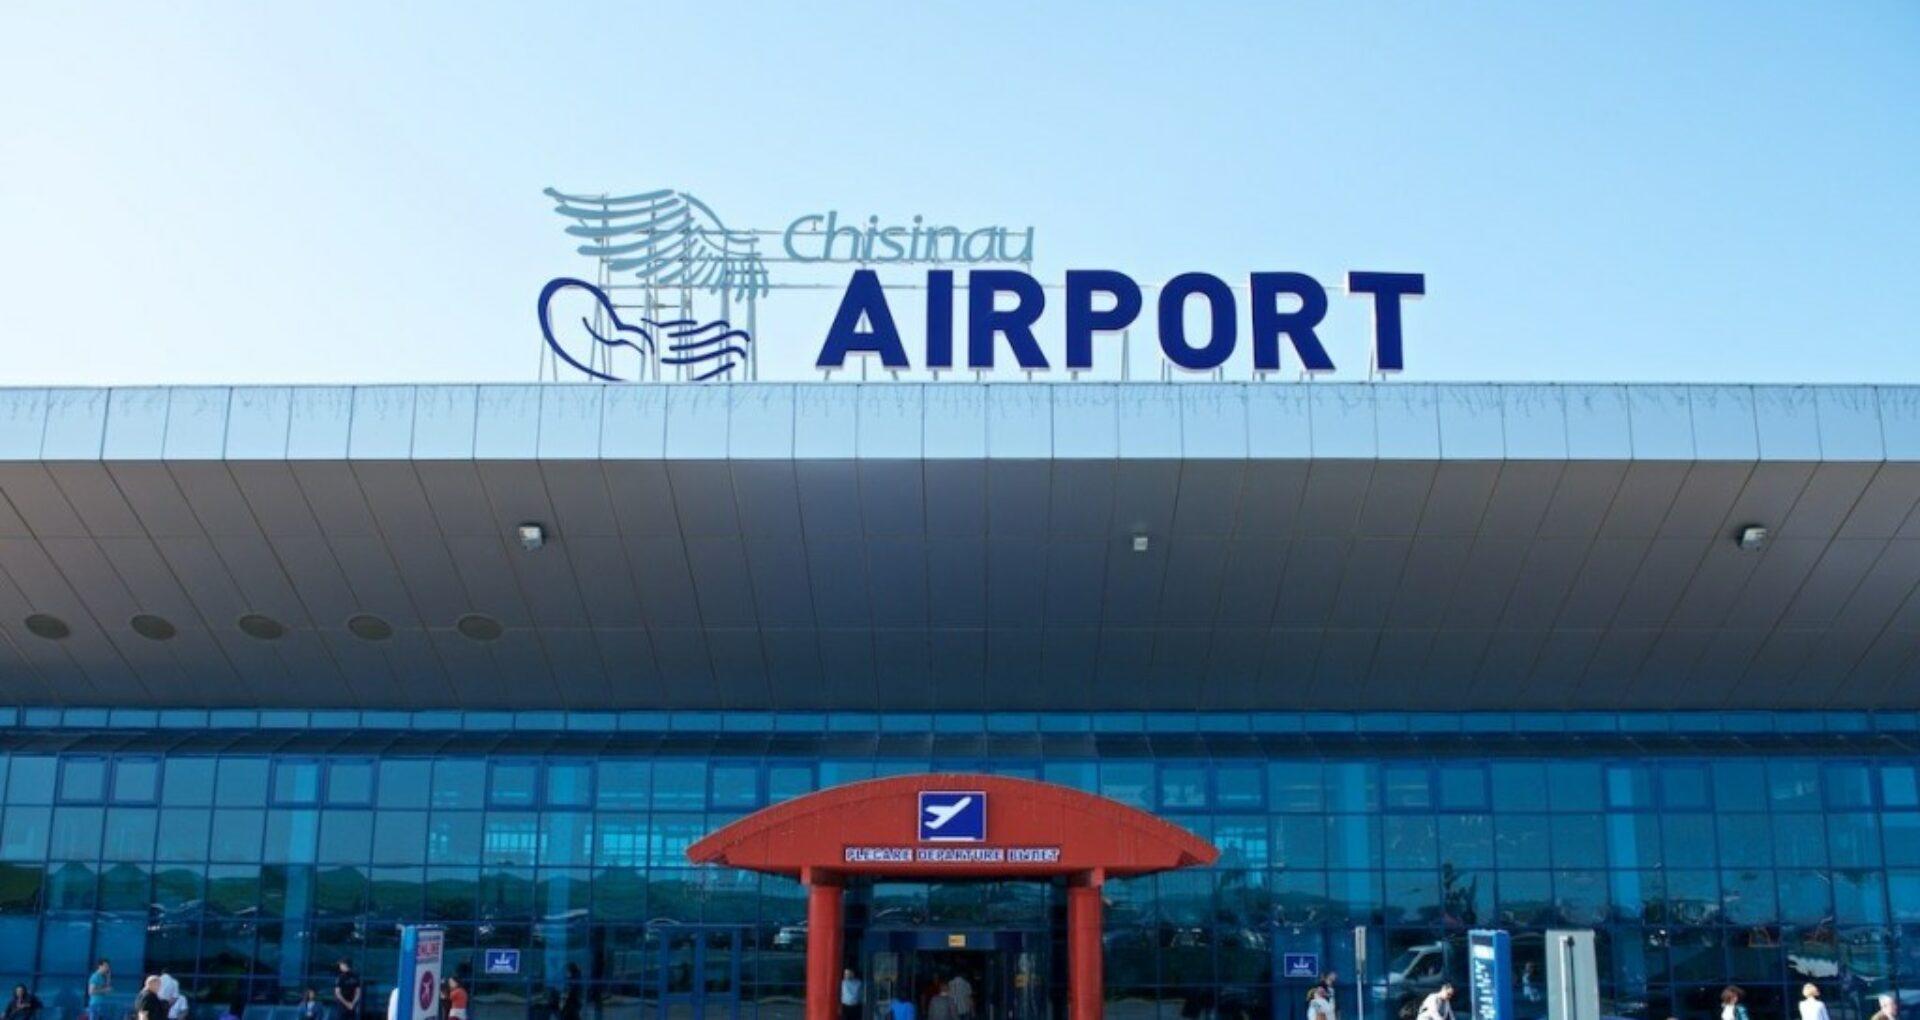 Noi documente despre cum și-a schimbat acționarii compania concesionară a Aeroportului Chișinău. Reacția Avia Invest